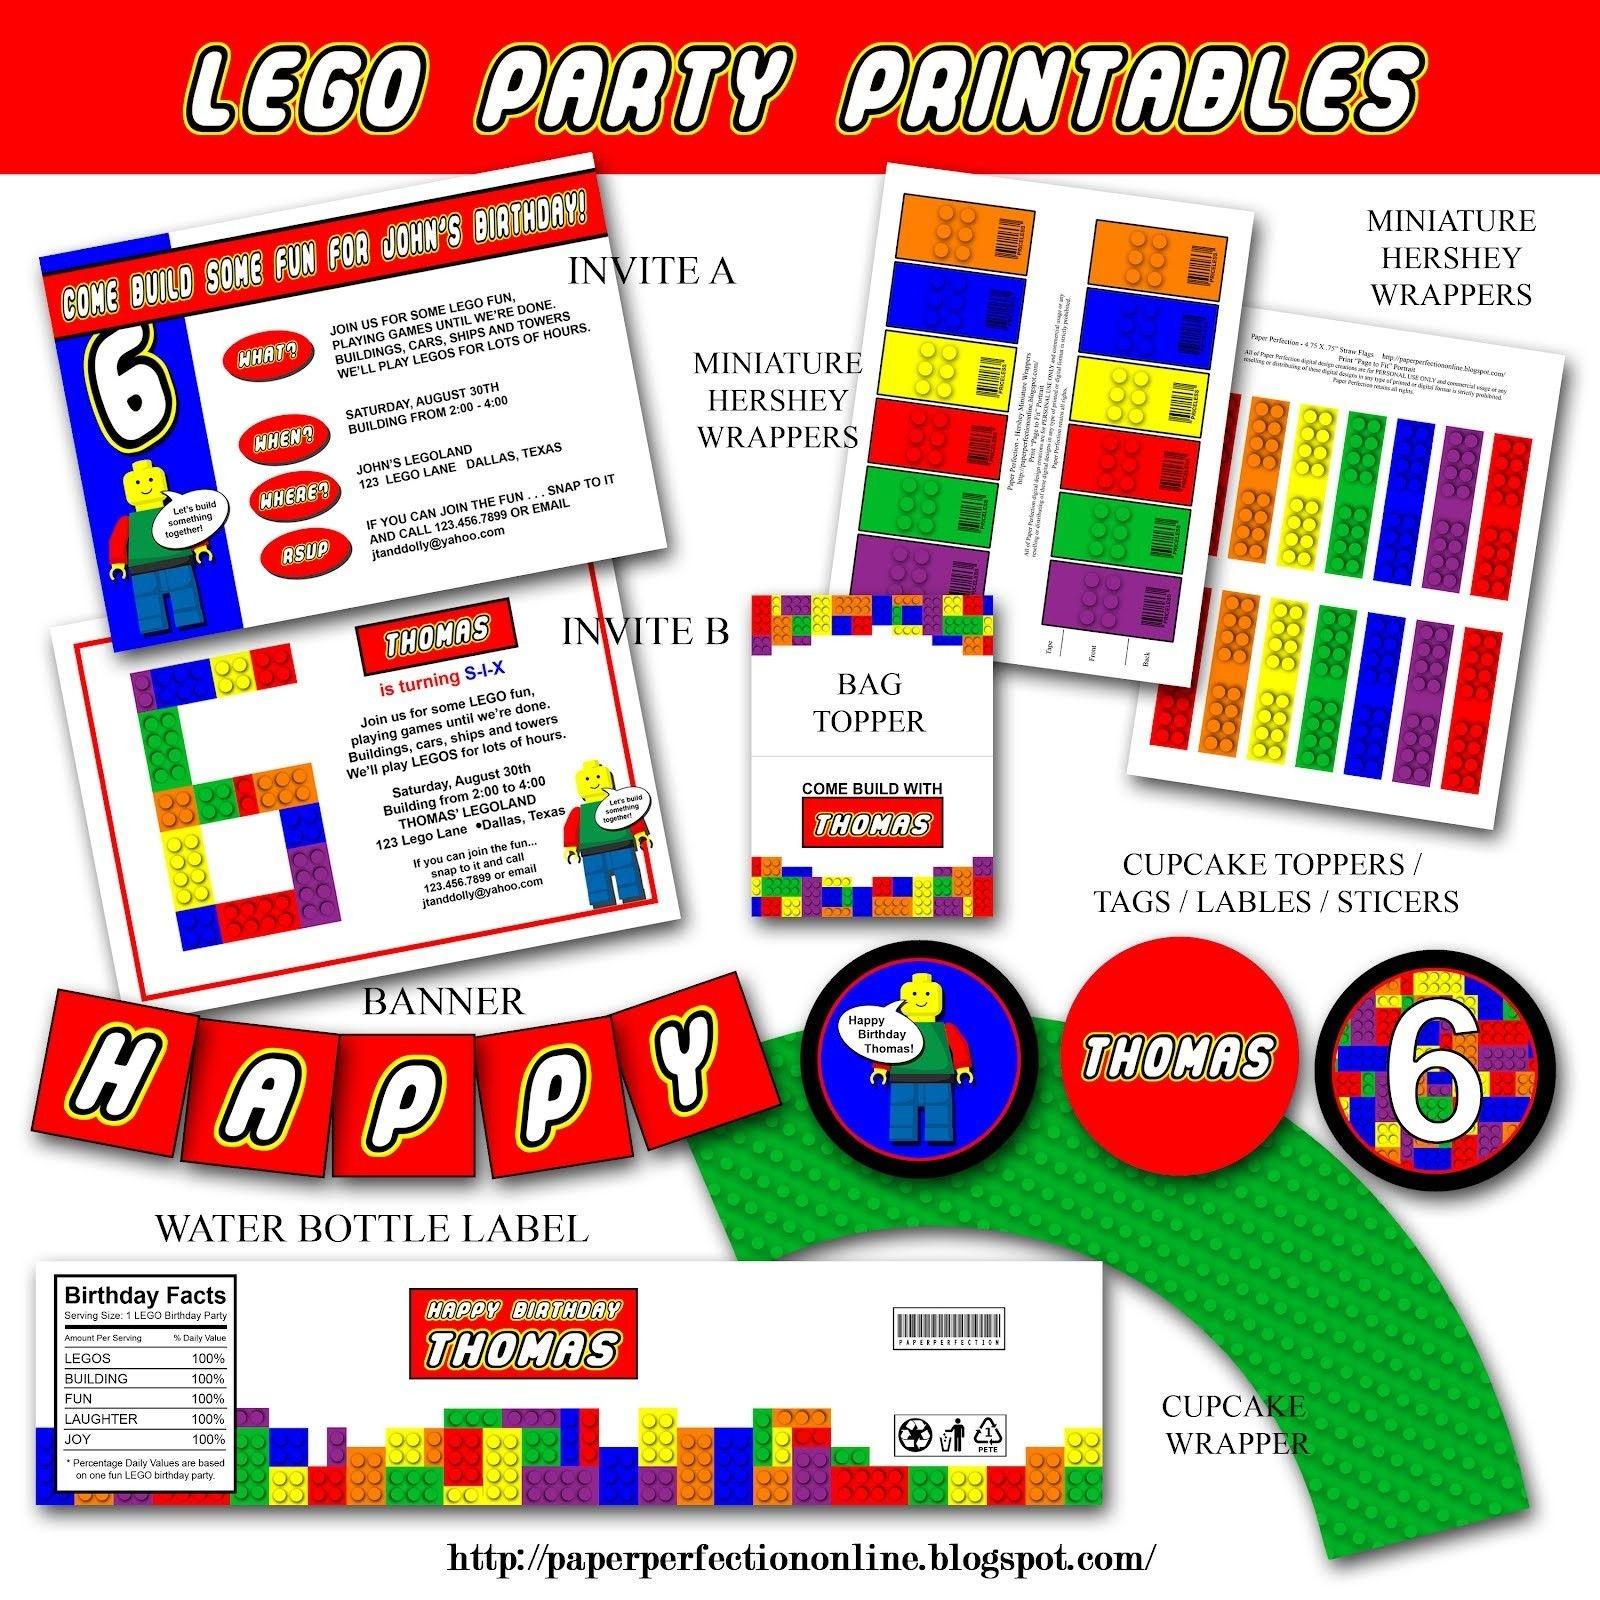 Pinmaria Alvarez On Legos | Lego Party Invitations, Lego - Lego Party Invitations Printable Free